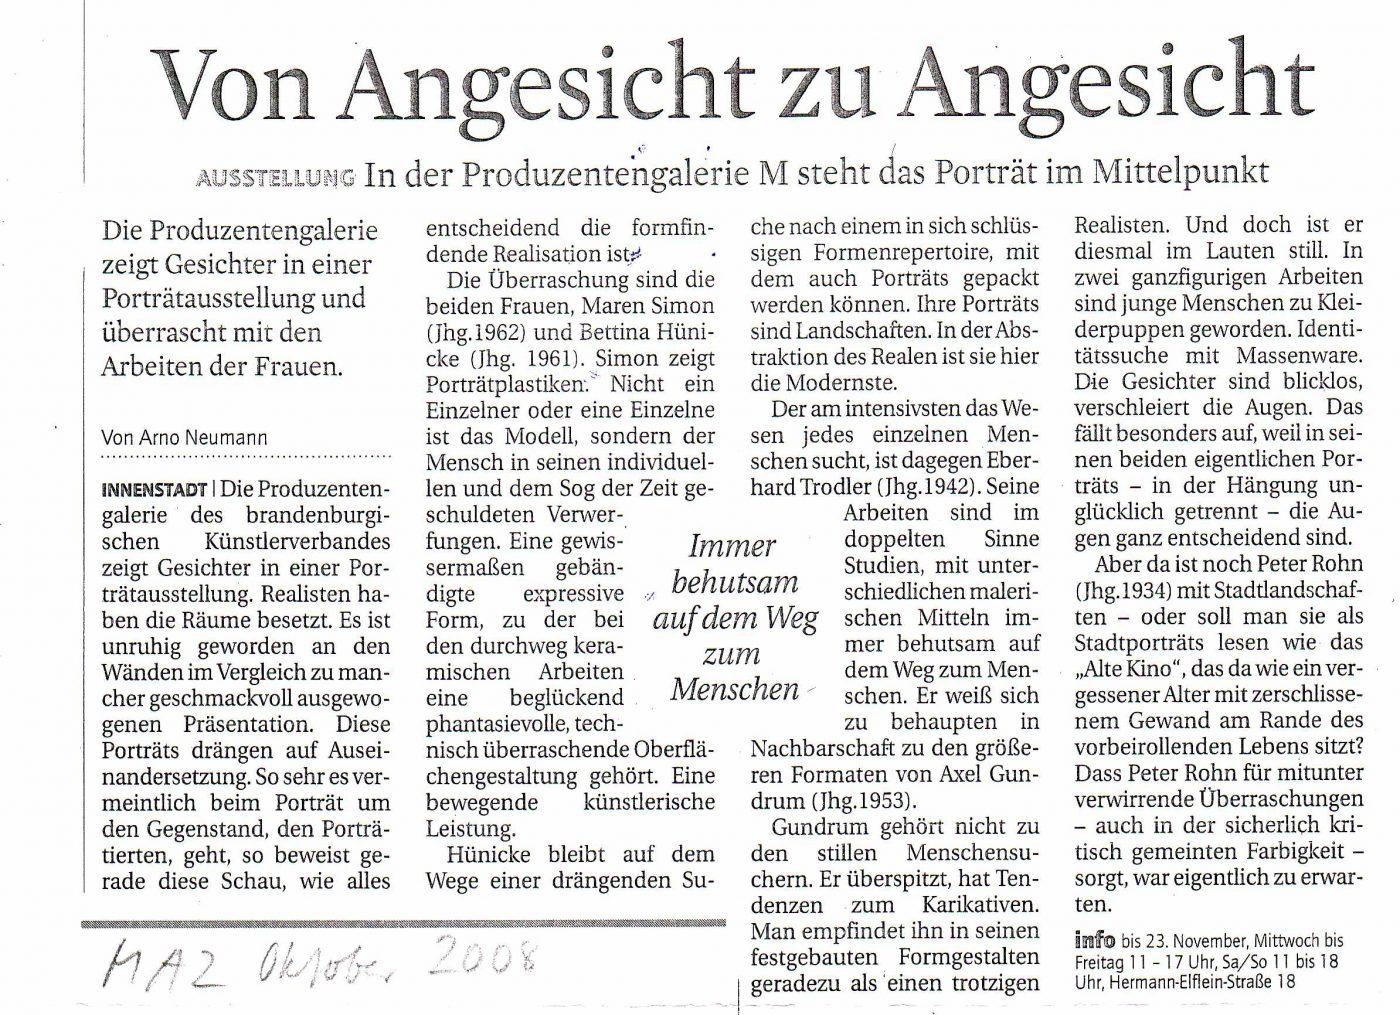 Oktober 2008: Von Angesicht zu Angesicht MAZ, Rezension von Arno Neumann